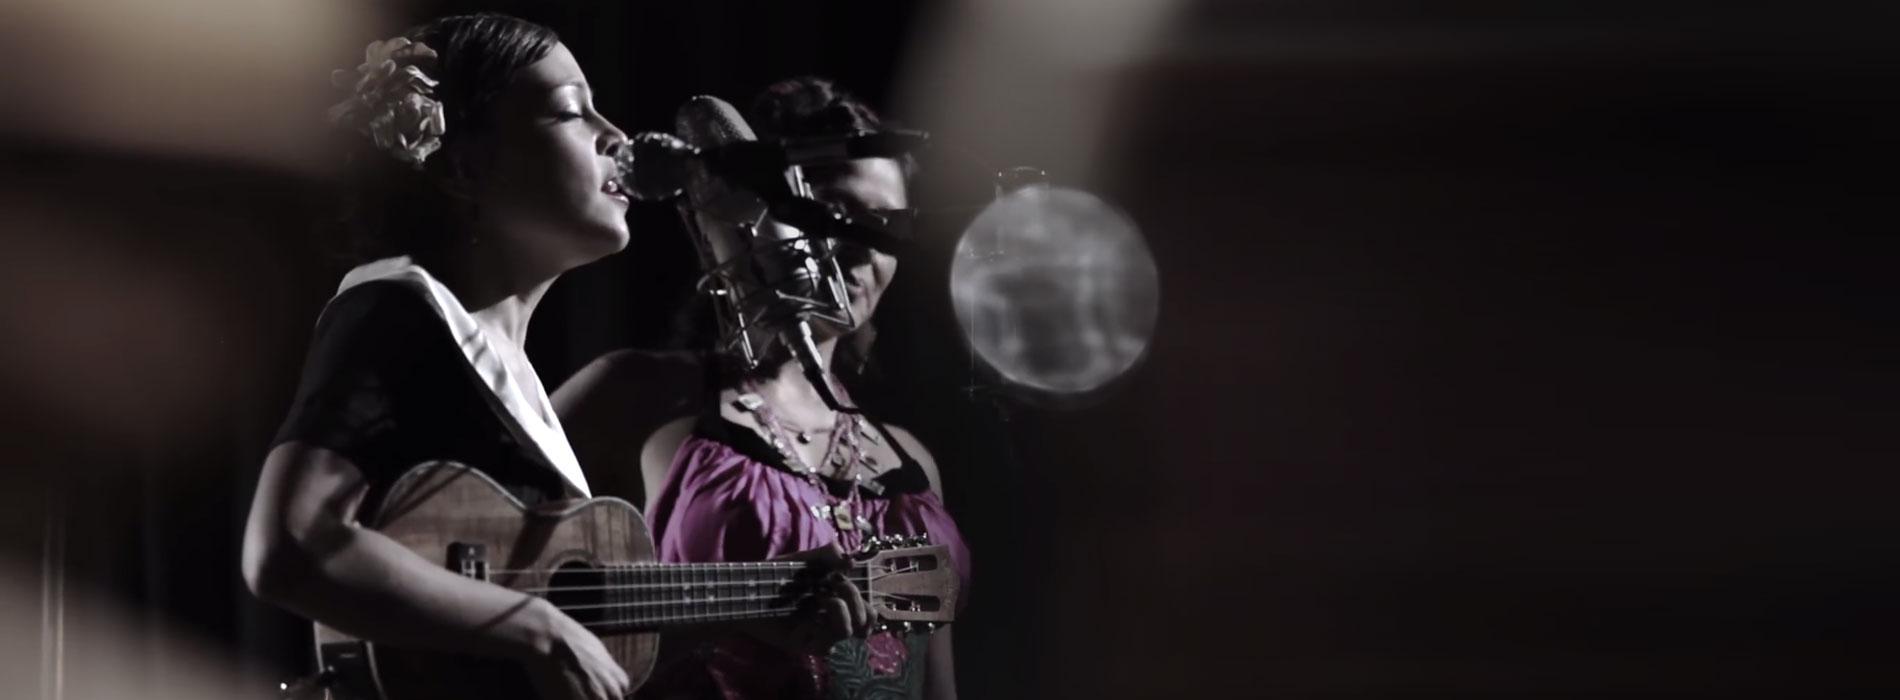 Natalia Lafourcade y Lila Downs interpretando un bolero